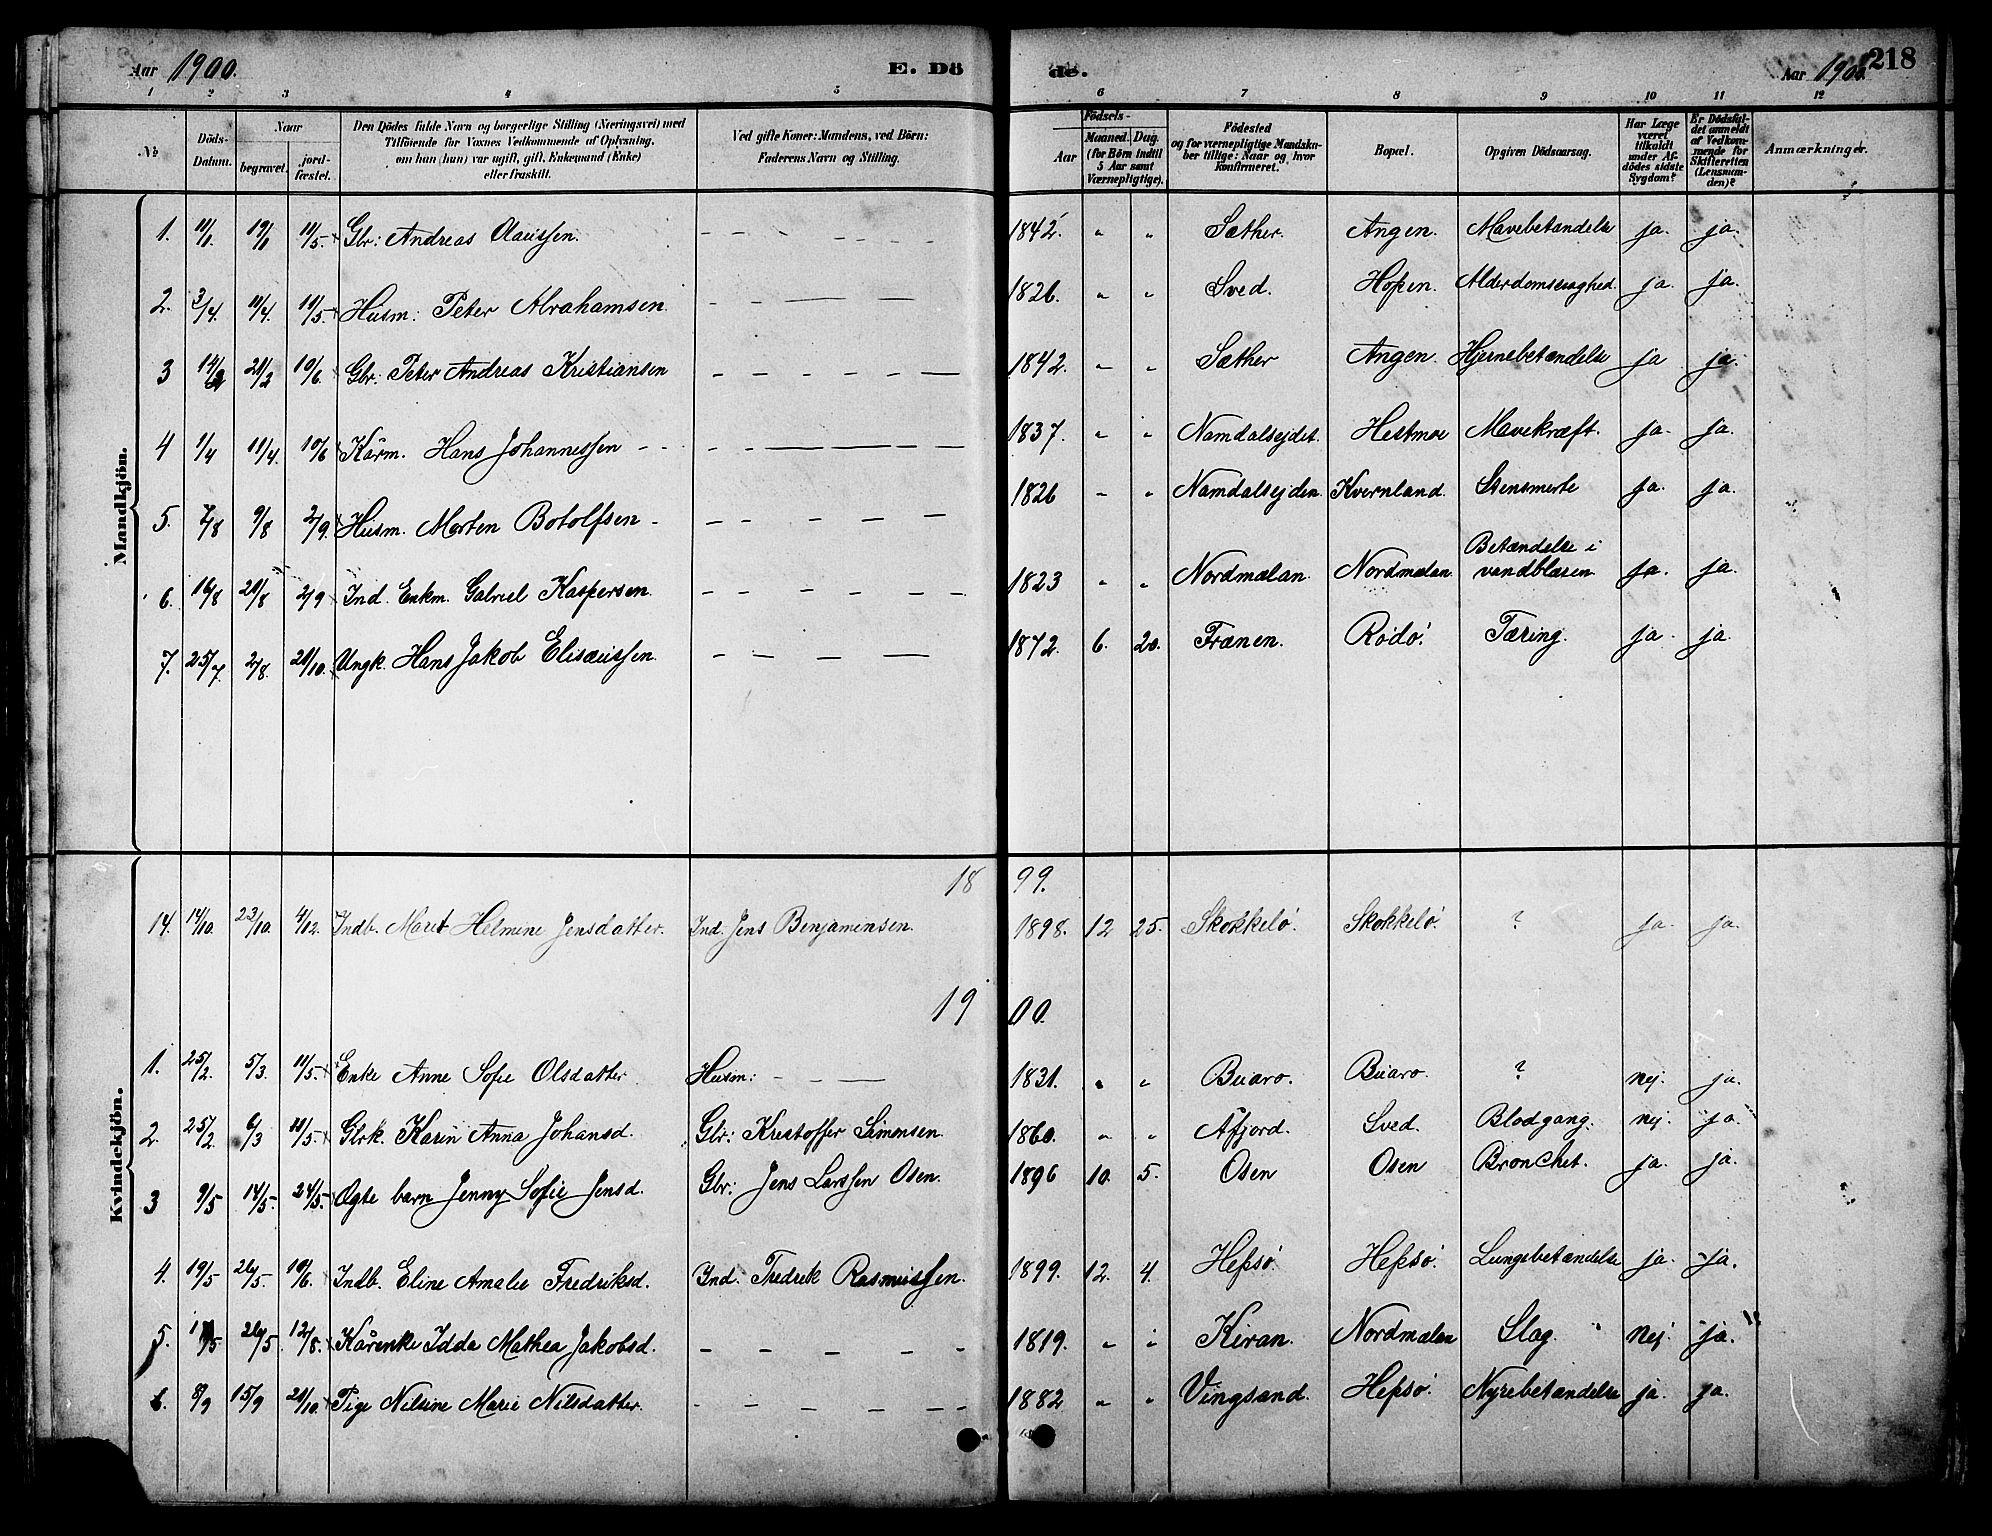 SAT, Ministerialprotokoller, klokkerbøker og fødselsregistre - Sør-Trøndelag, 658/L0726: Klokkerbok nr. 658C02, 1883-1908, s. 218